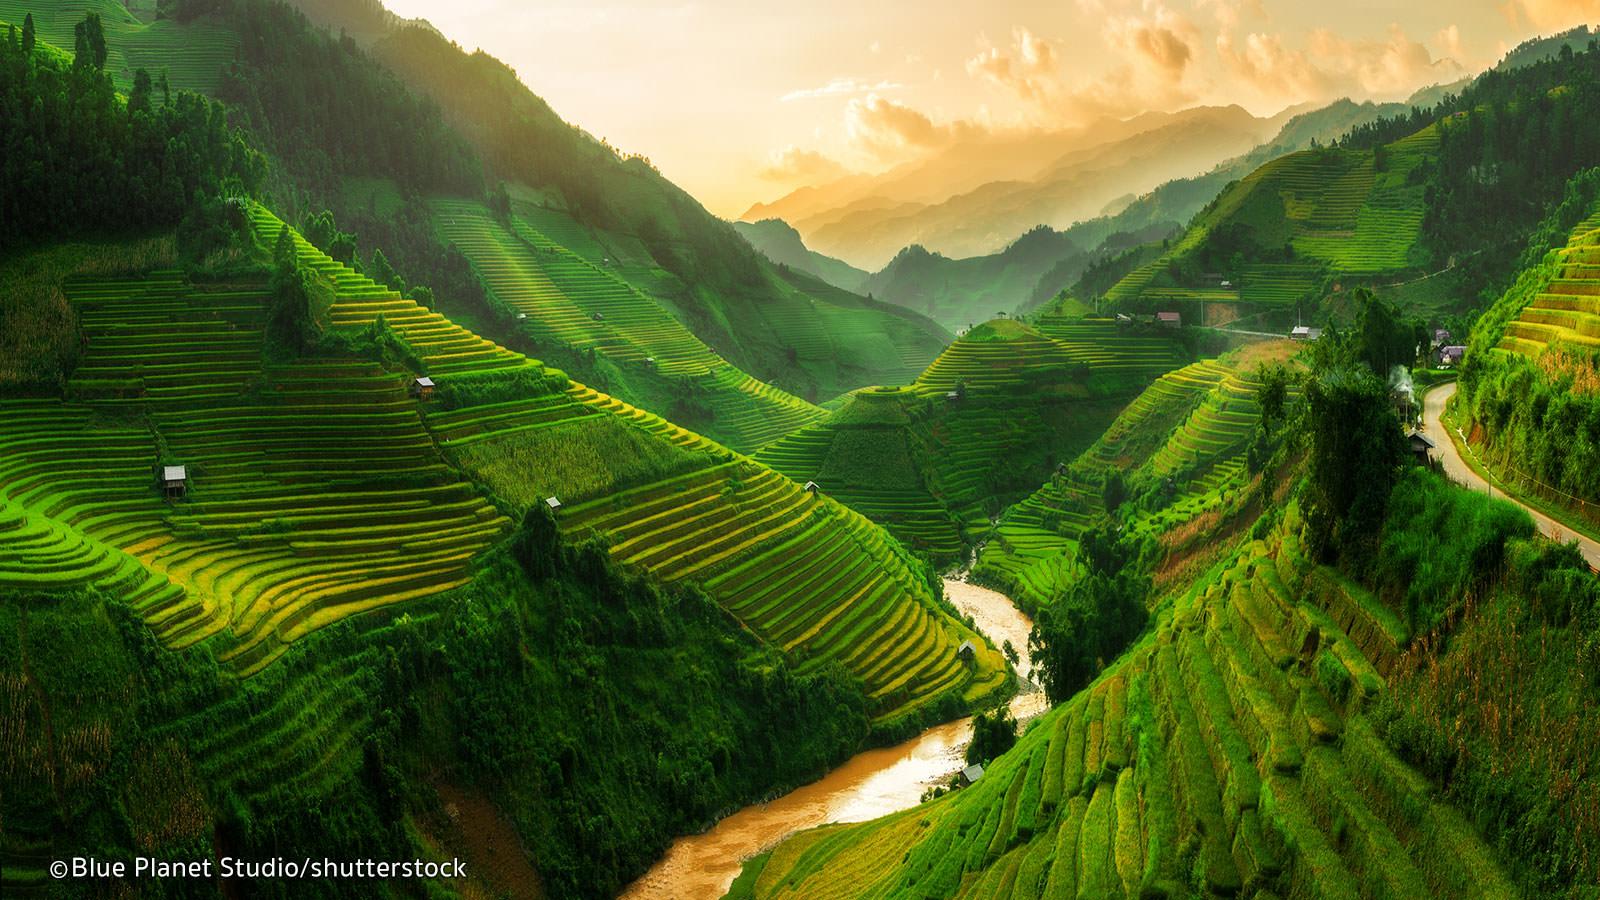 Vịnh Hạ Long, Sapa lọt top điểm du lịch hàng đầu Đông Nam Á